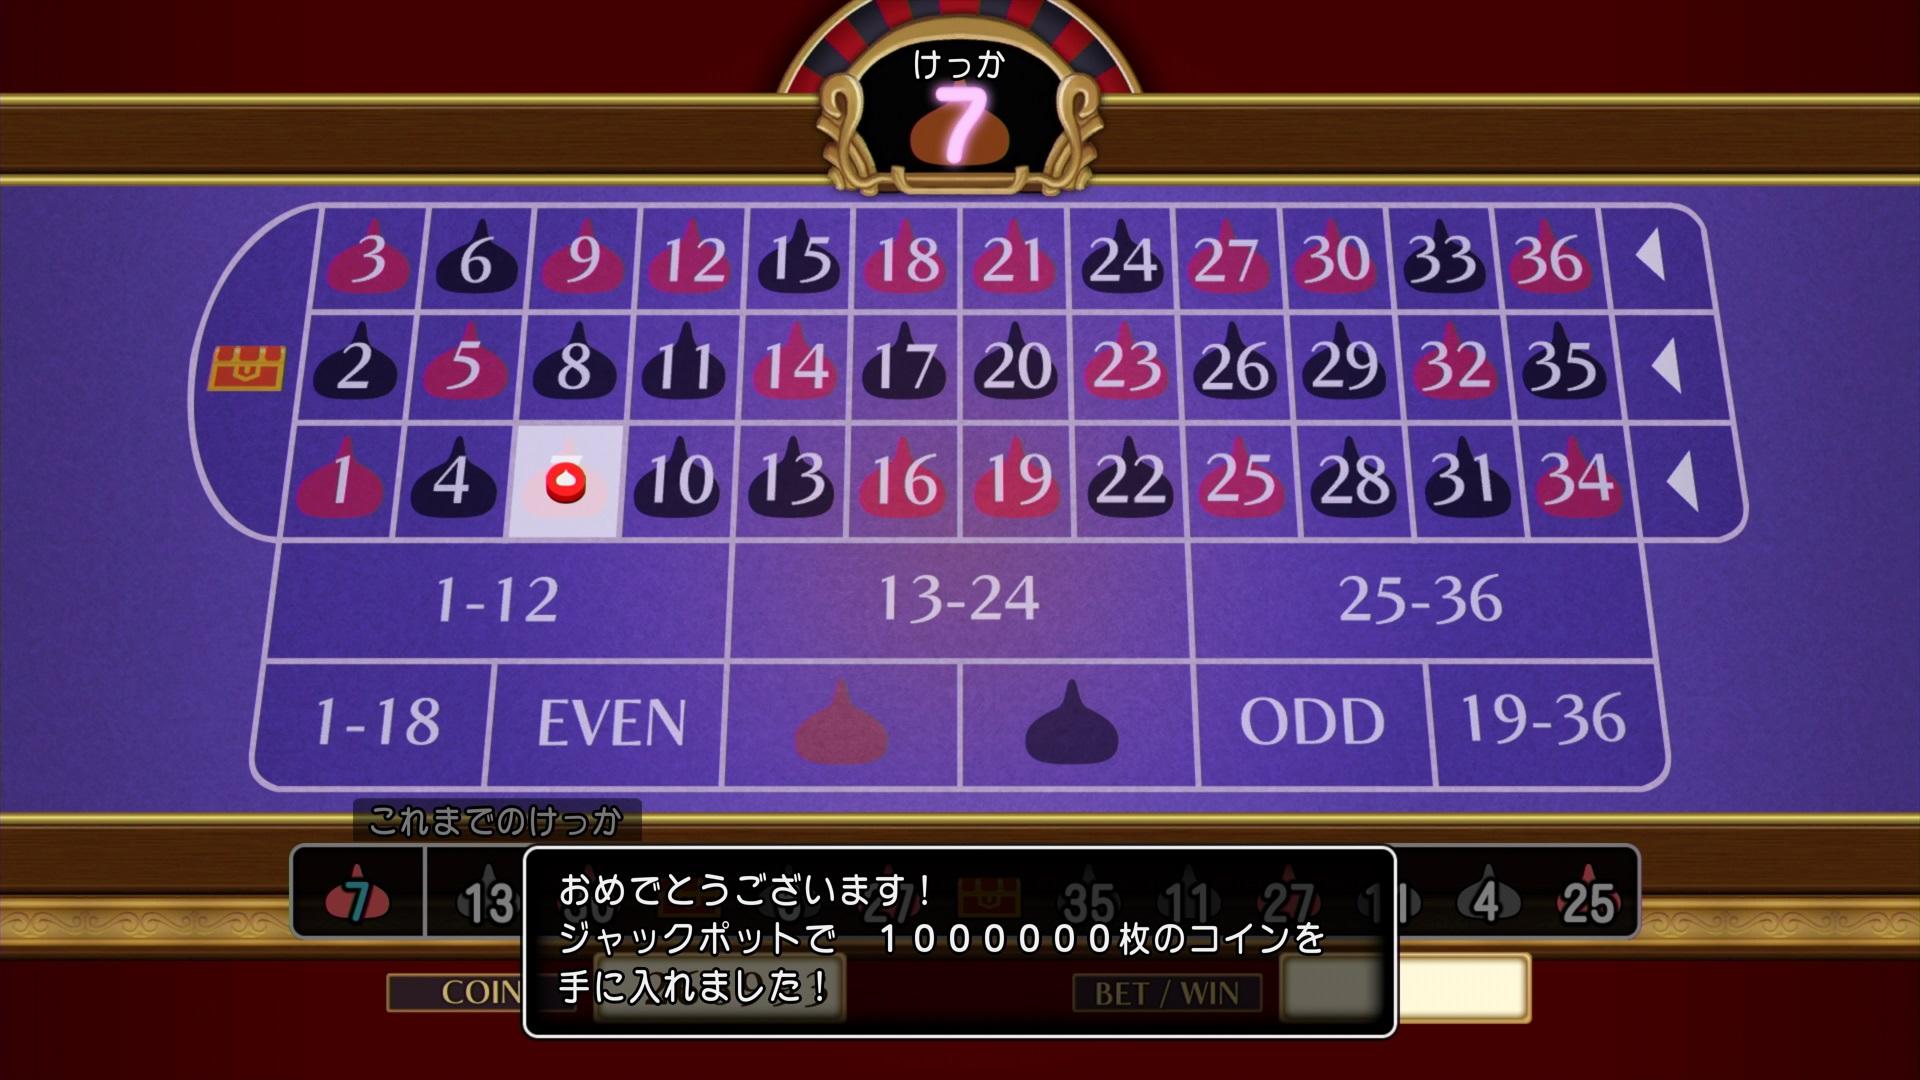 カジノ ポット ジャック 11 ドラクエ